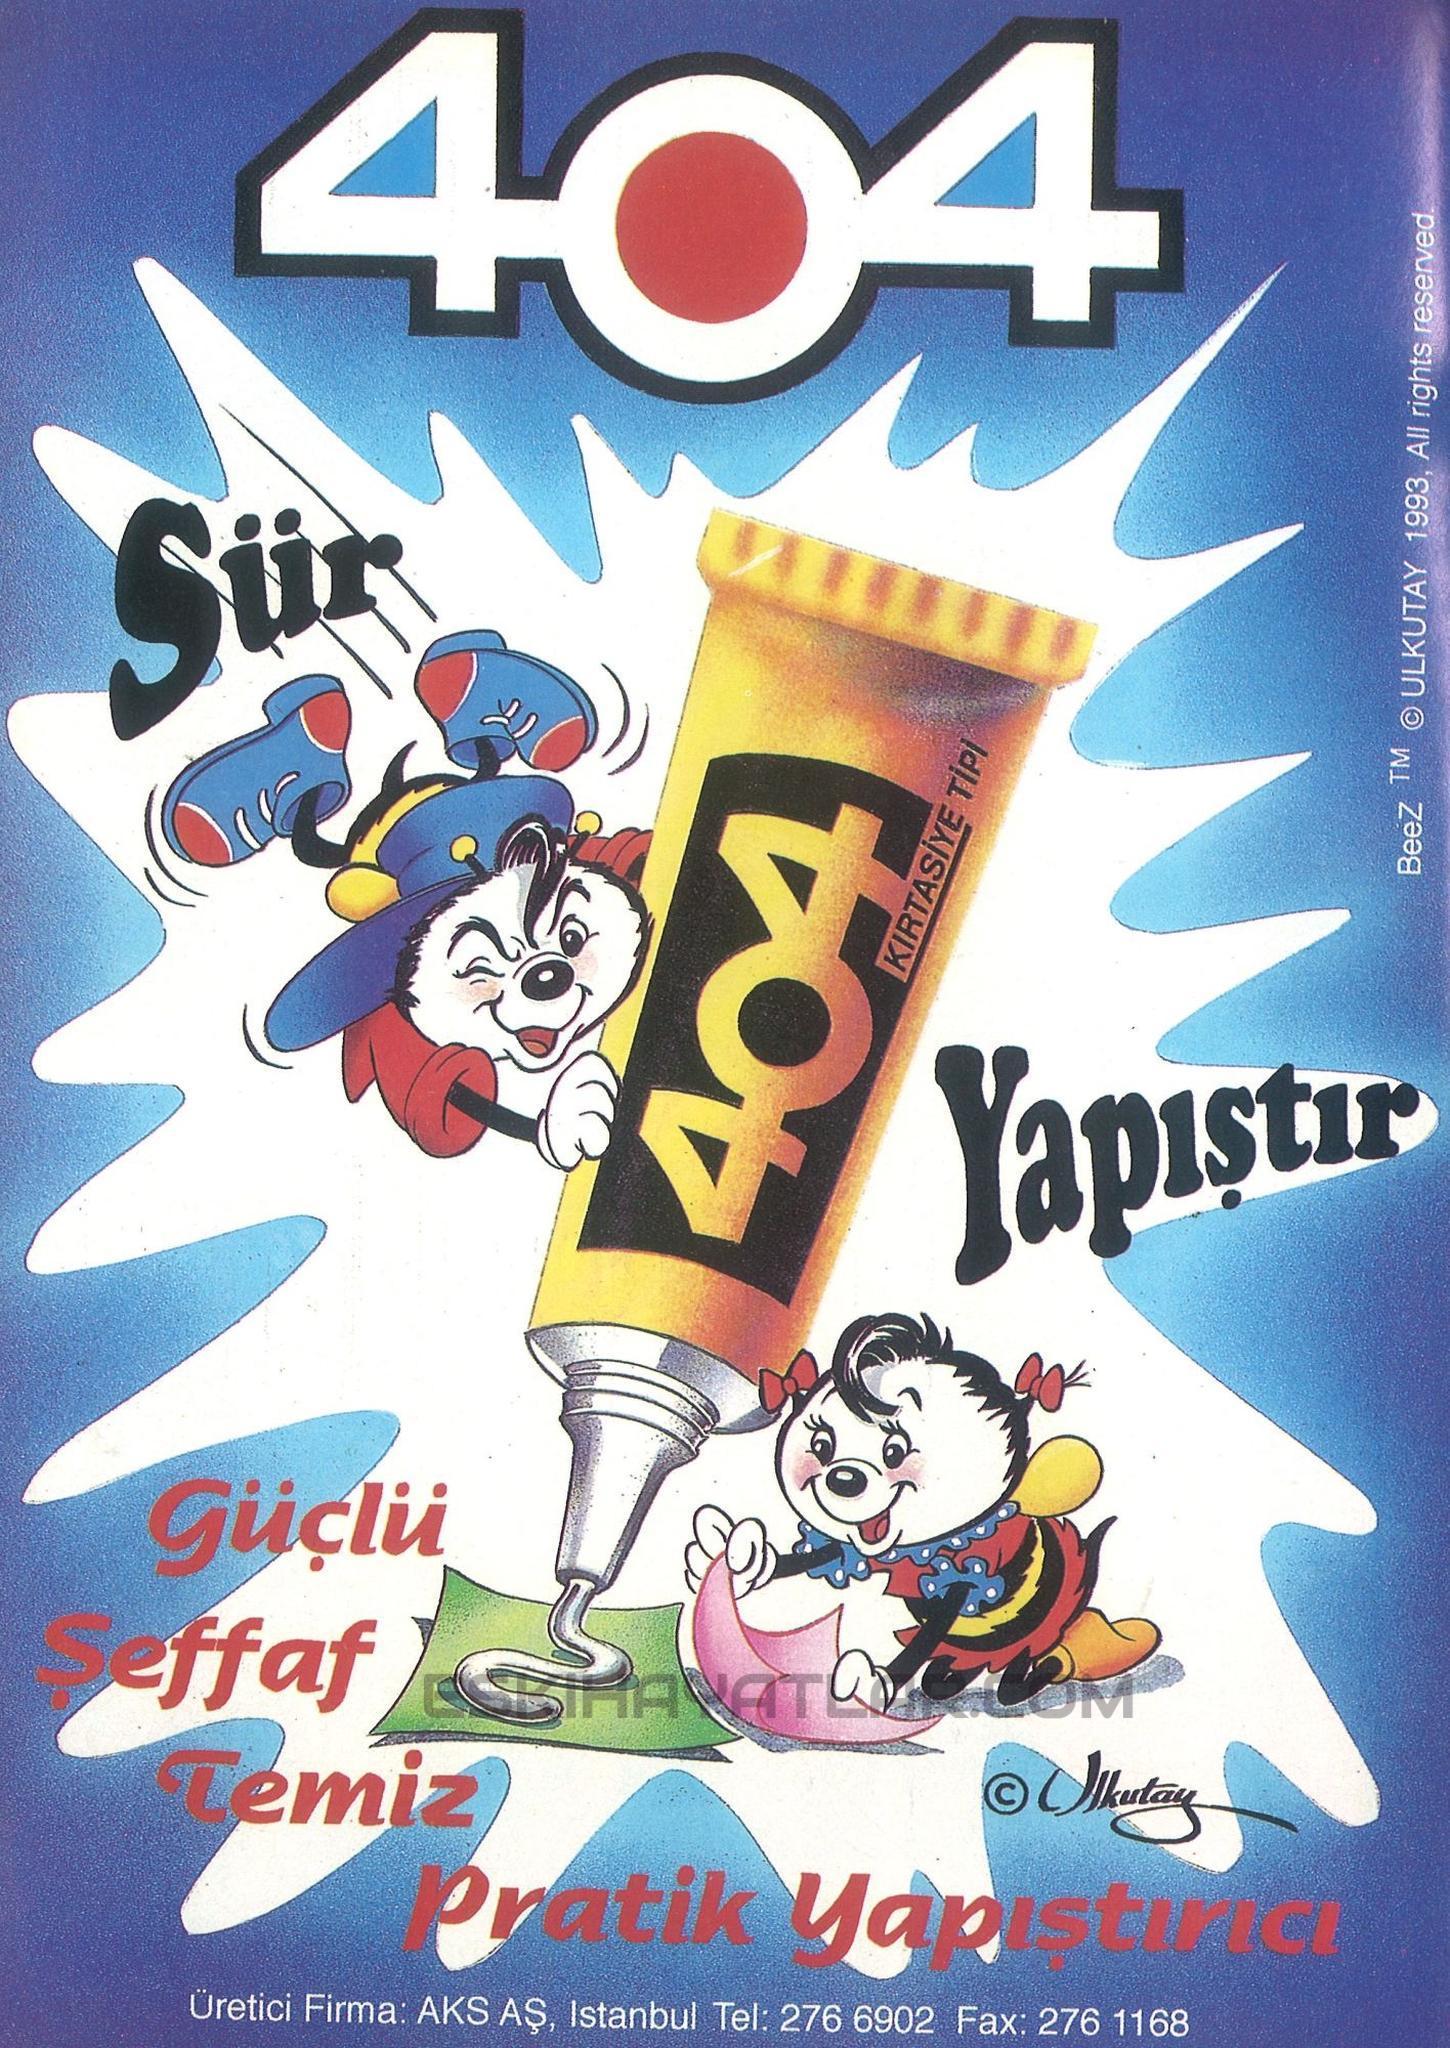 doksanli-yillarin-unutulmaz-reklamlari-lezzo-turbo-sakizi (10)